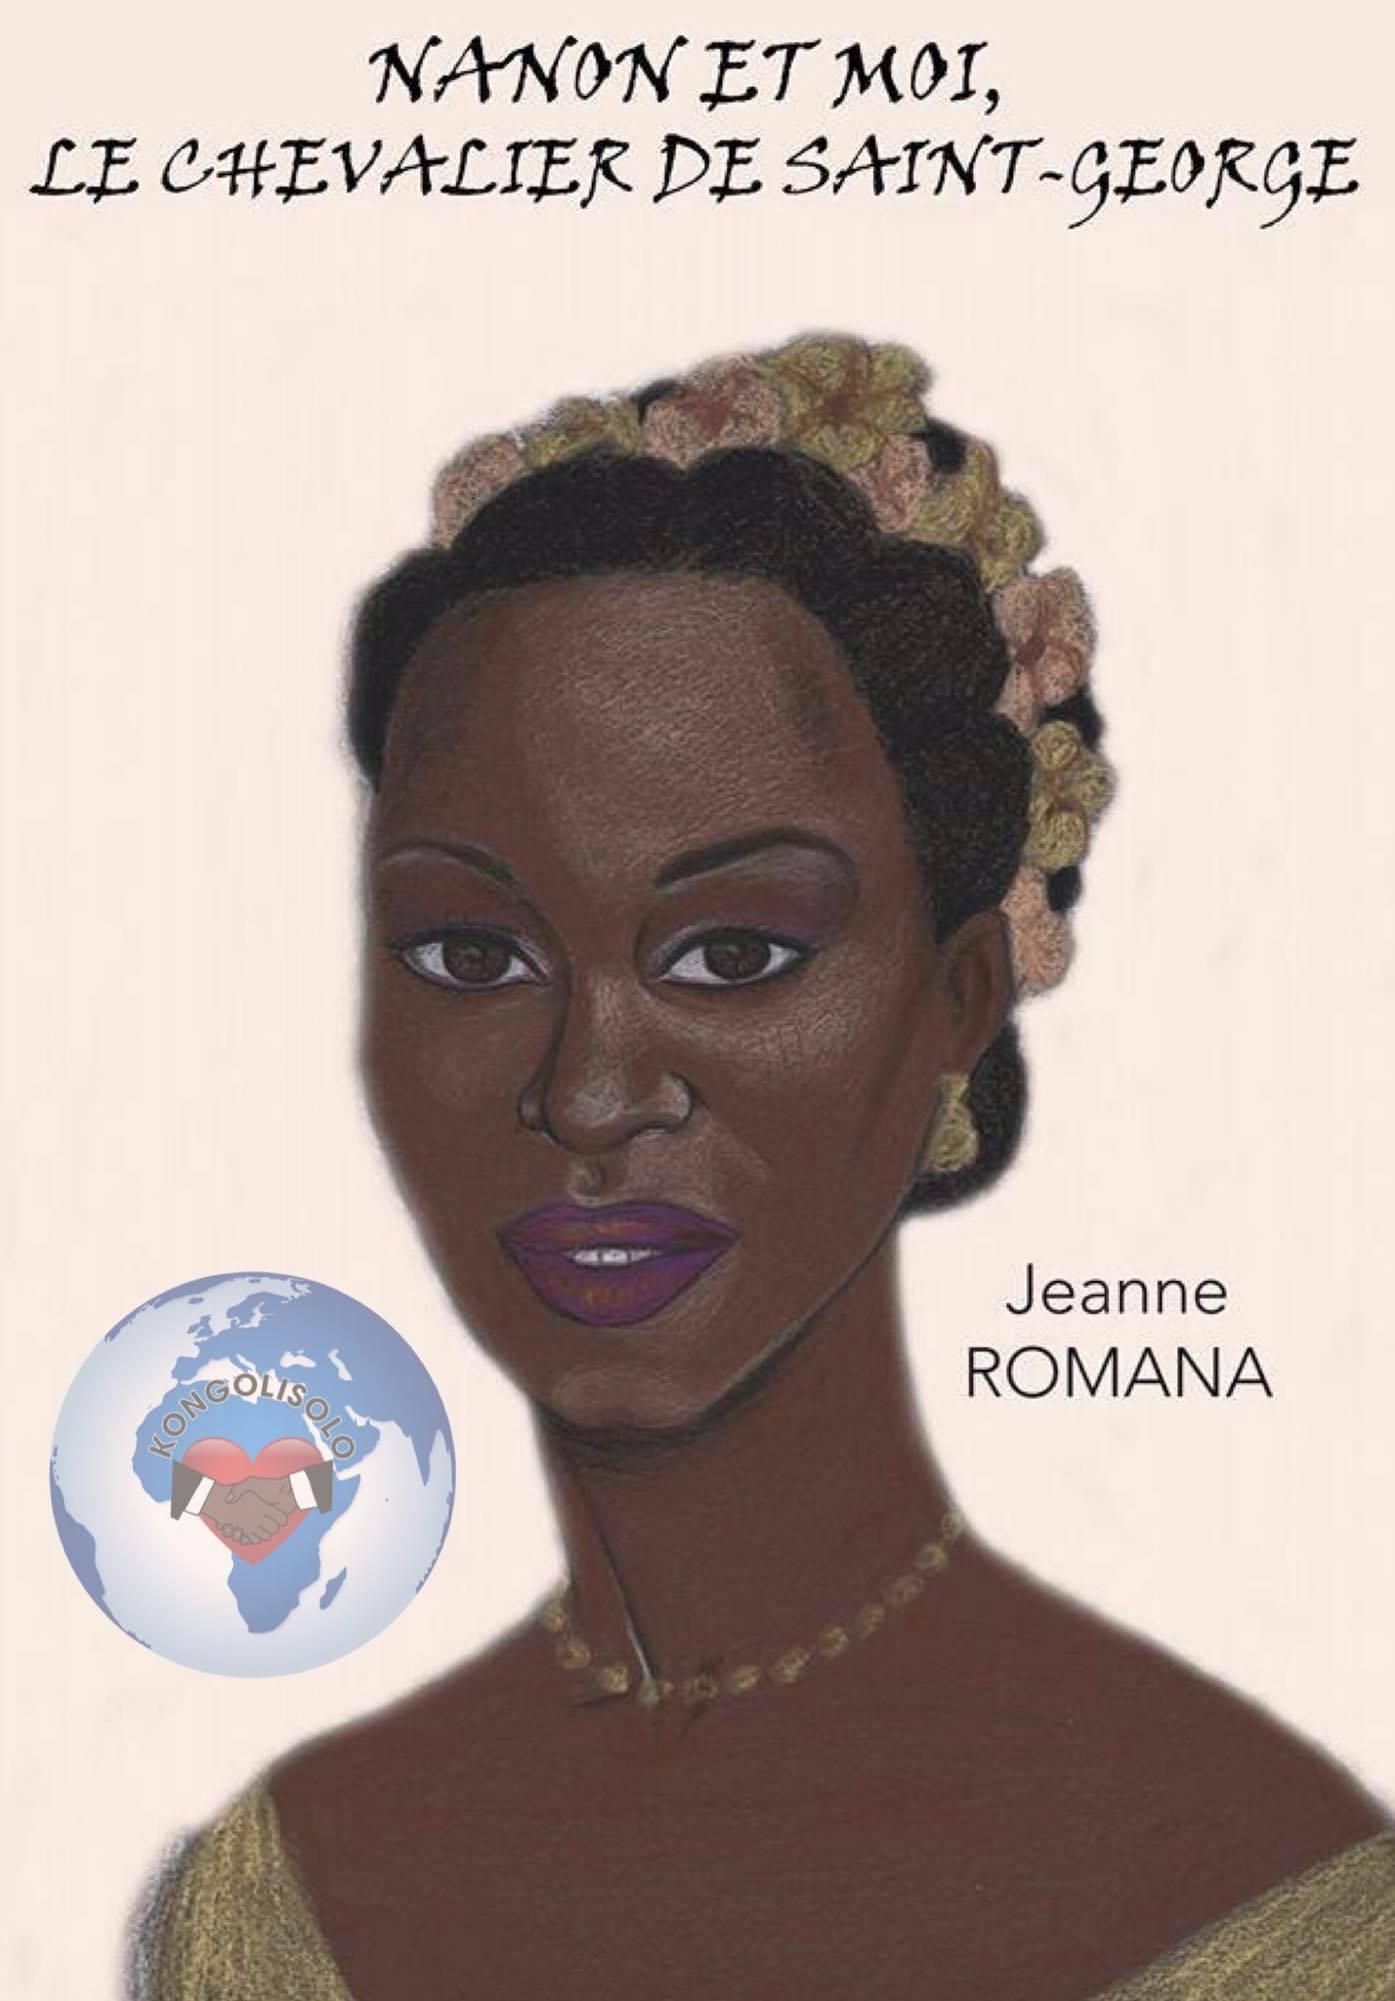 Nanon et moi, Chevalier de Saint-George, est le premier roman de Jeanne Romana